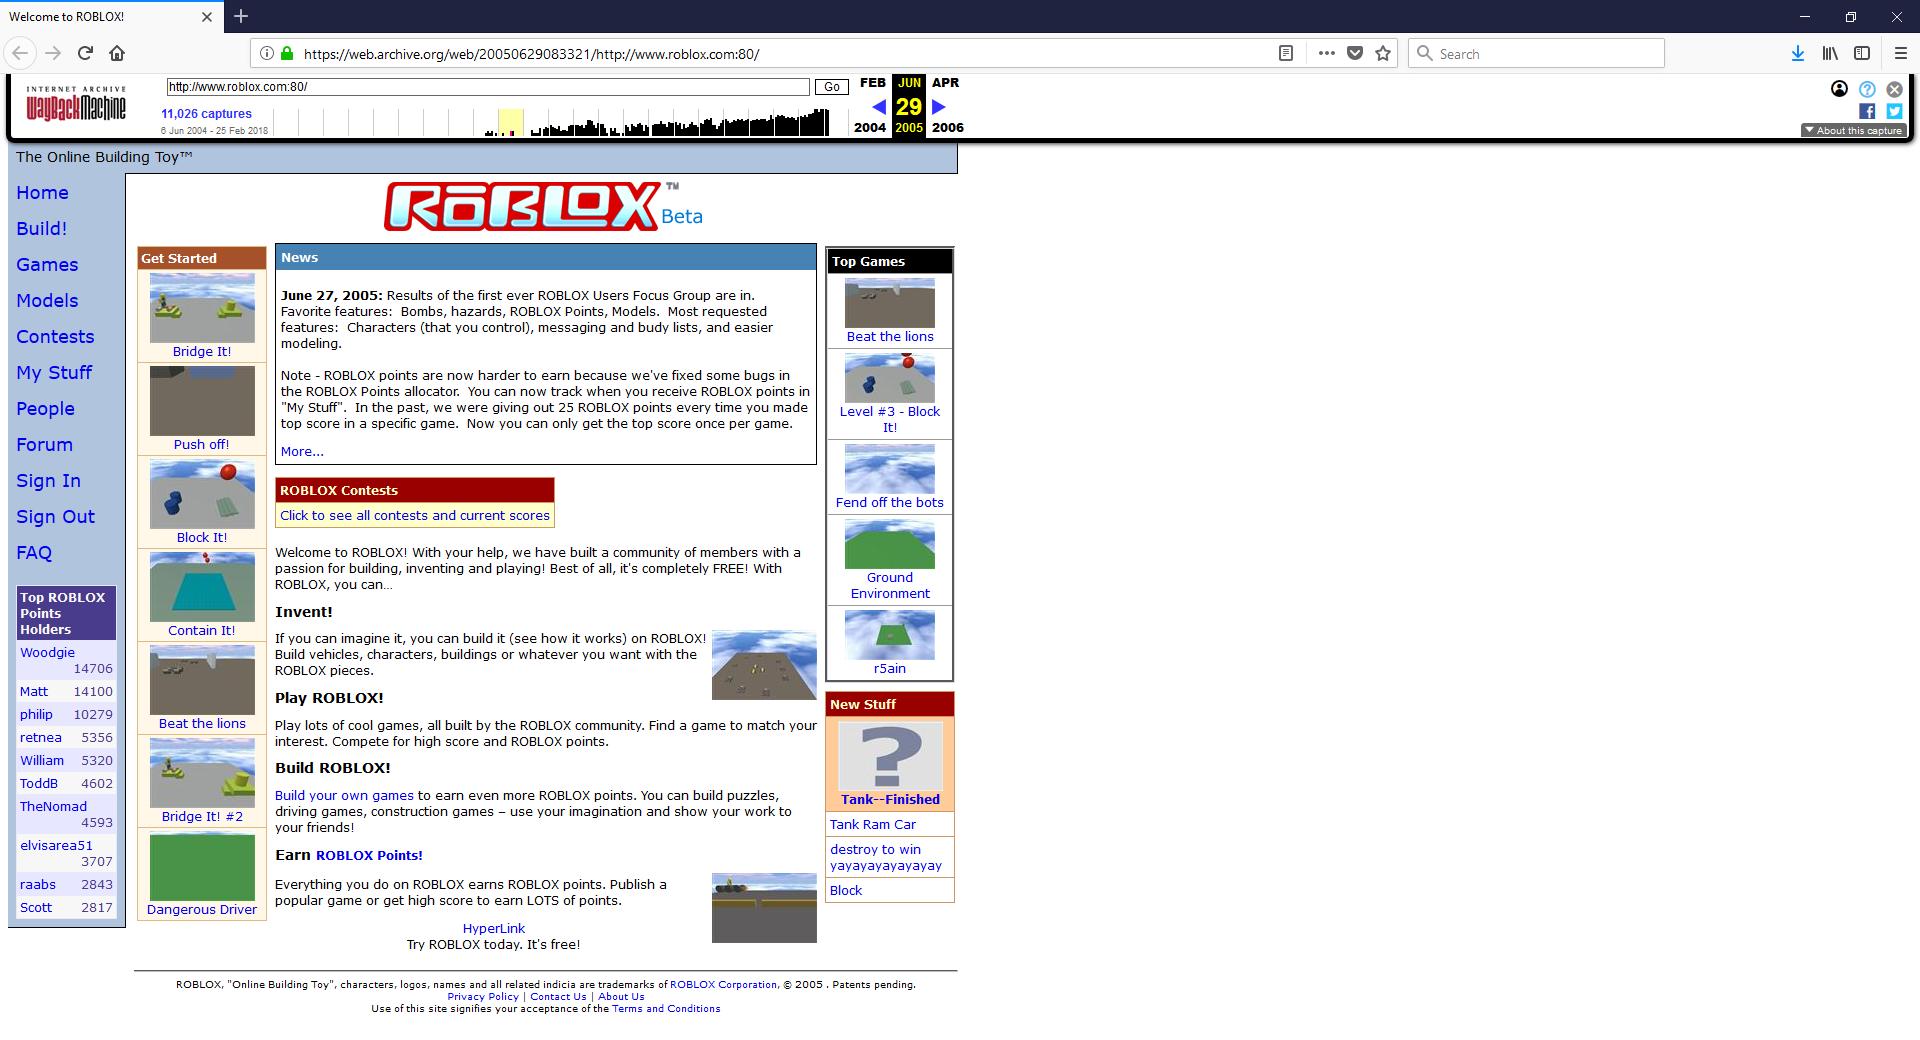 Roblox 2005 | Klasky678 Wiki | Fandom